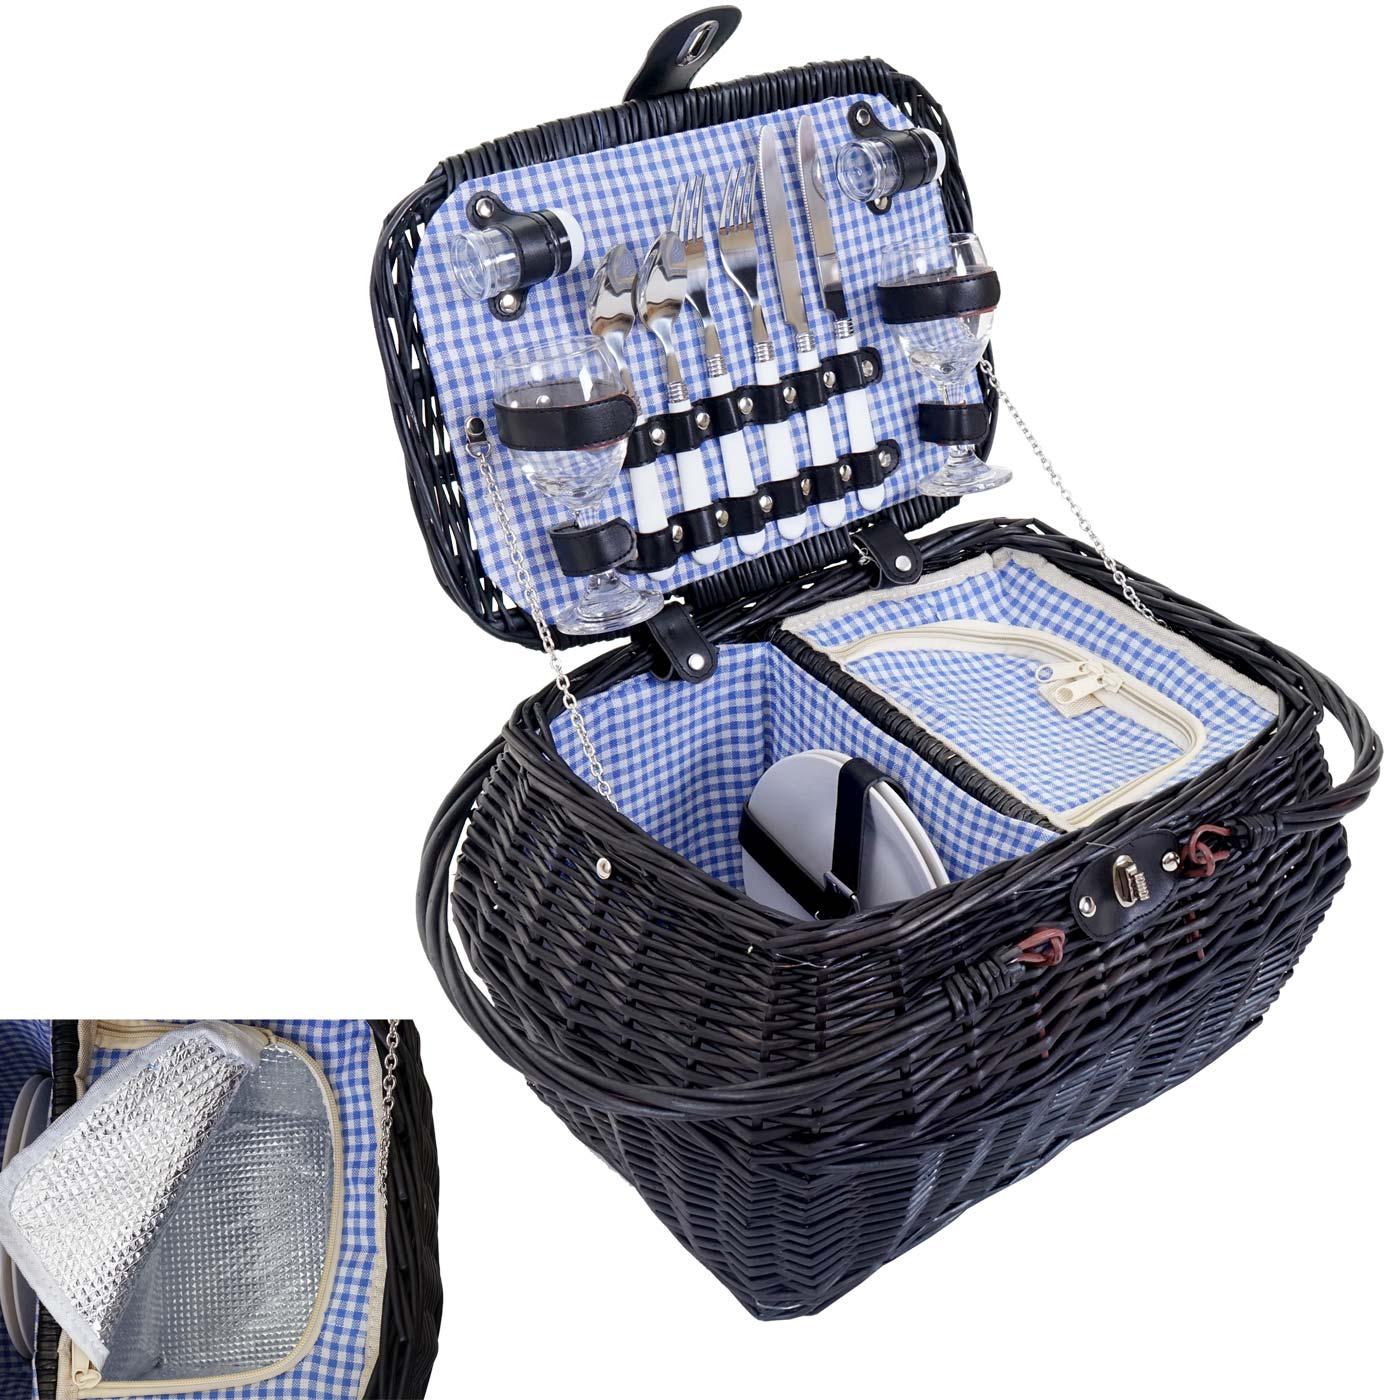 Mendler Picknickkorb-Set für 2 Personen, Picknicktasche + Kühlfach, Porzellan Glas Edelstahl, blau-weiß ~ Va 51420